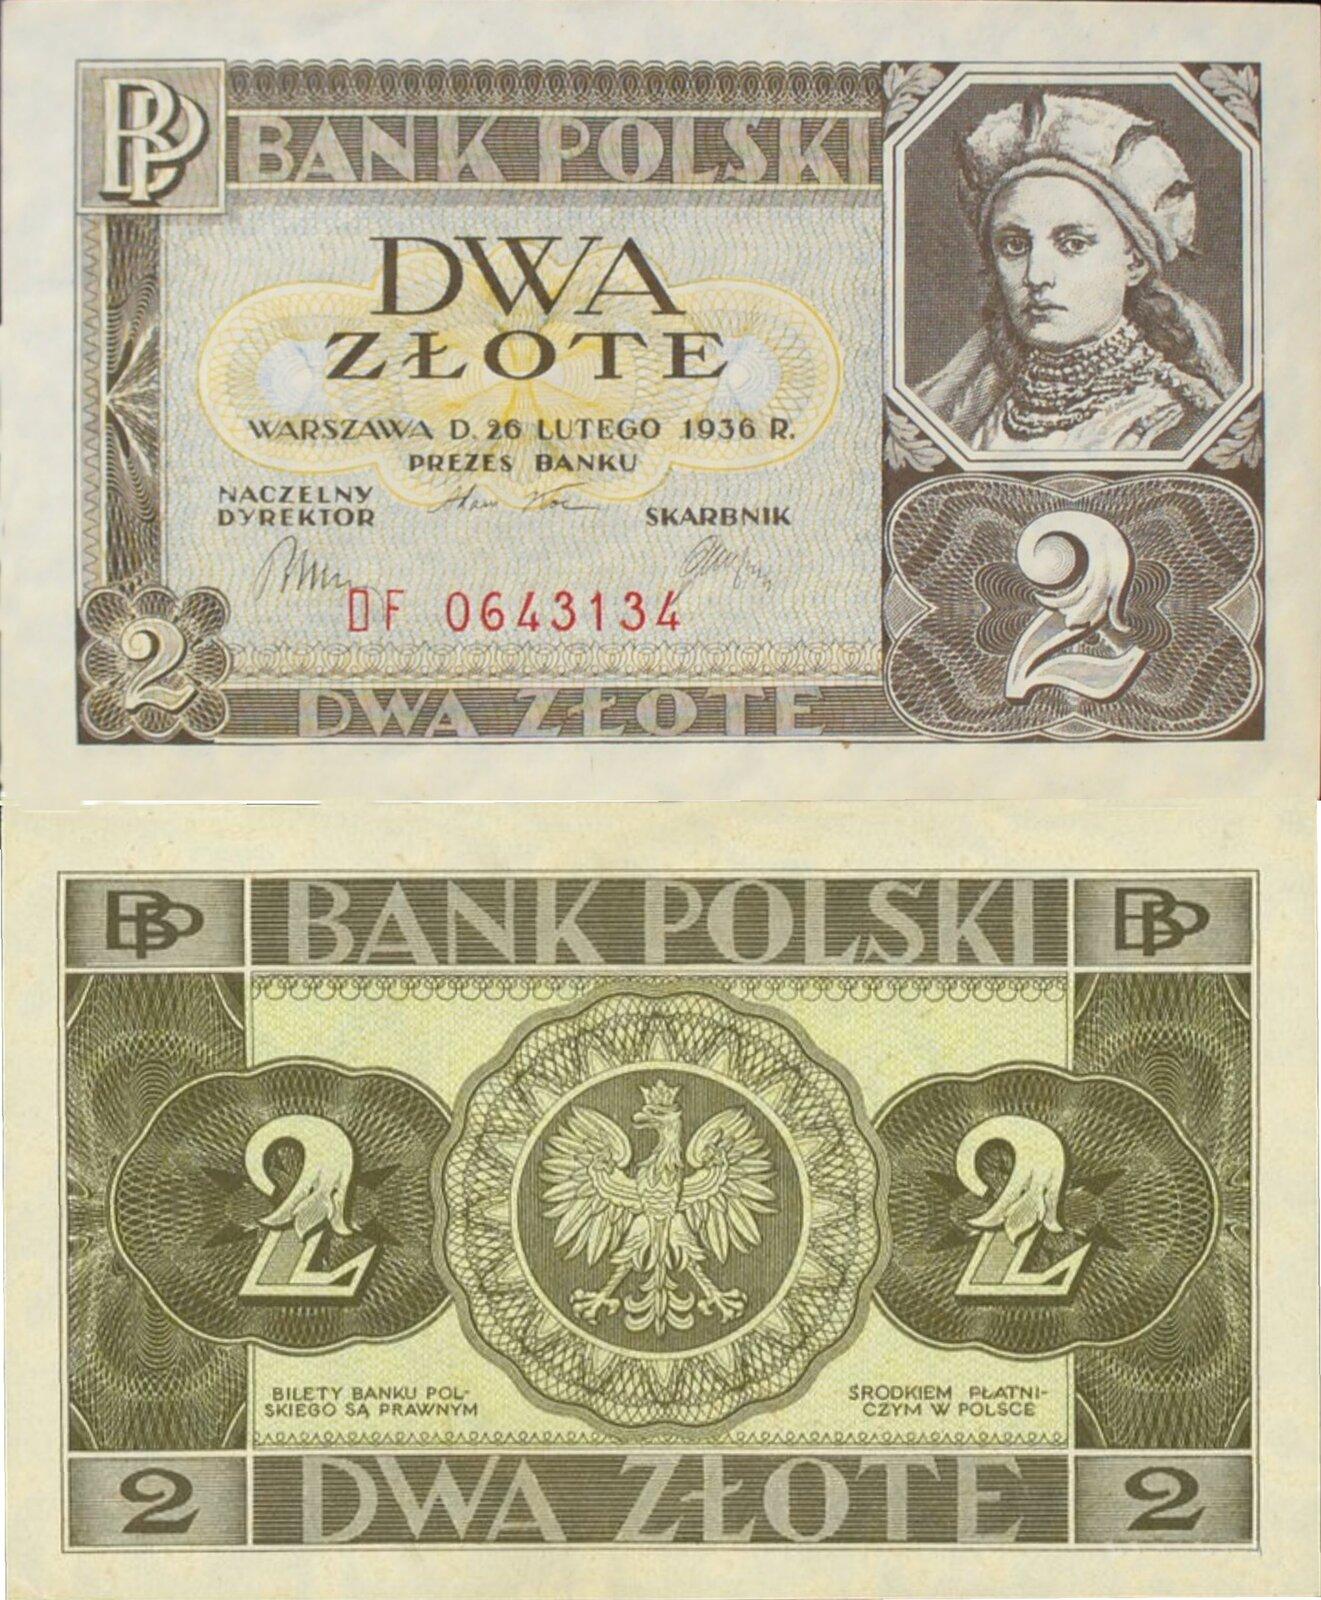 Banknot polski Banknot polski Źródło: Bank Polski, licencja: CC 0.